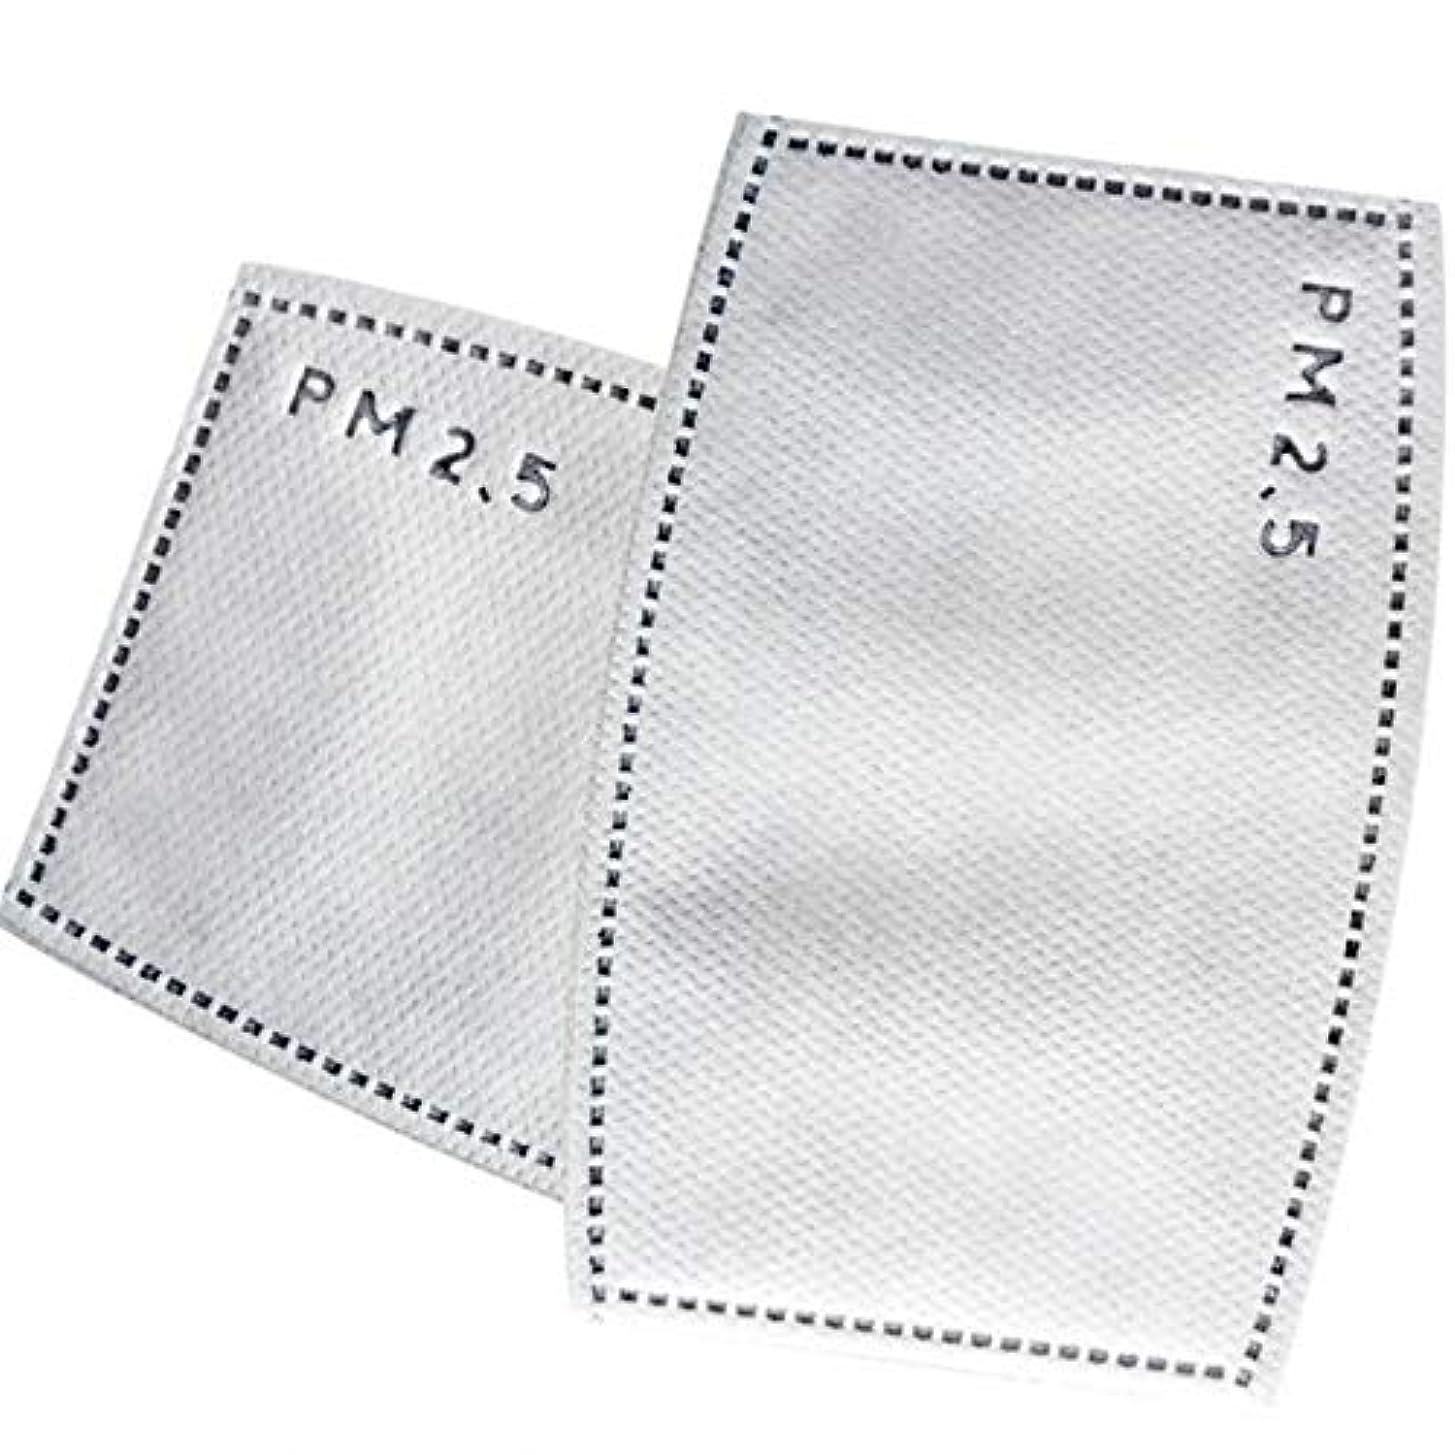 委員会強化熟したLixiuqun home 50袋5層活性炭フィルターN95効率的なろ過PM2.5アンチヘイズ口マスク交換可能フィルター用口マッフル (色 : Adults)